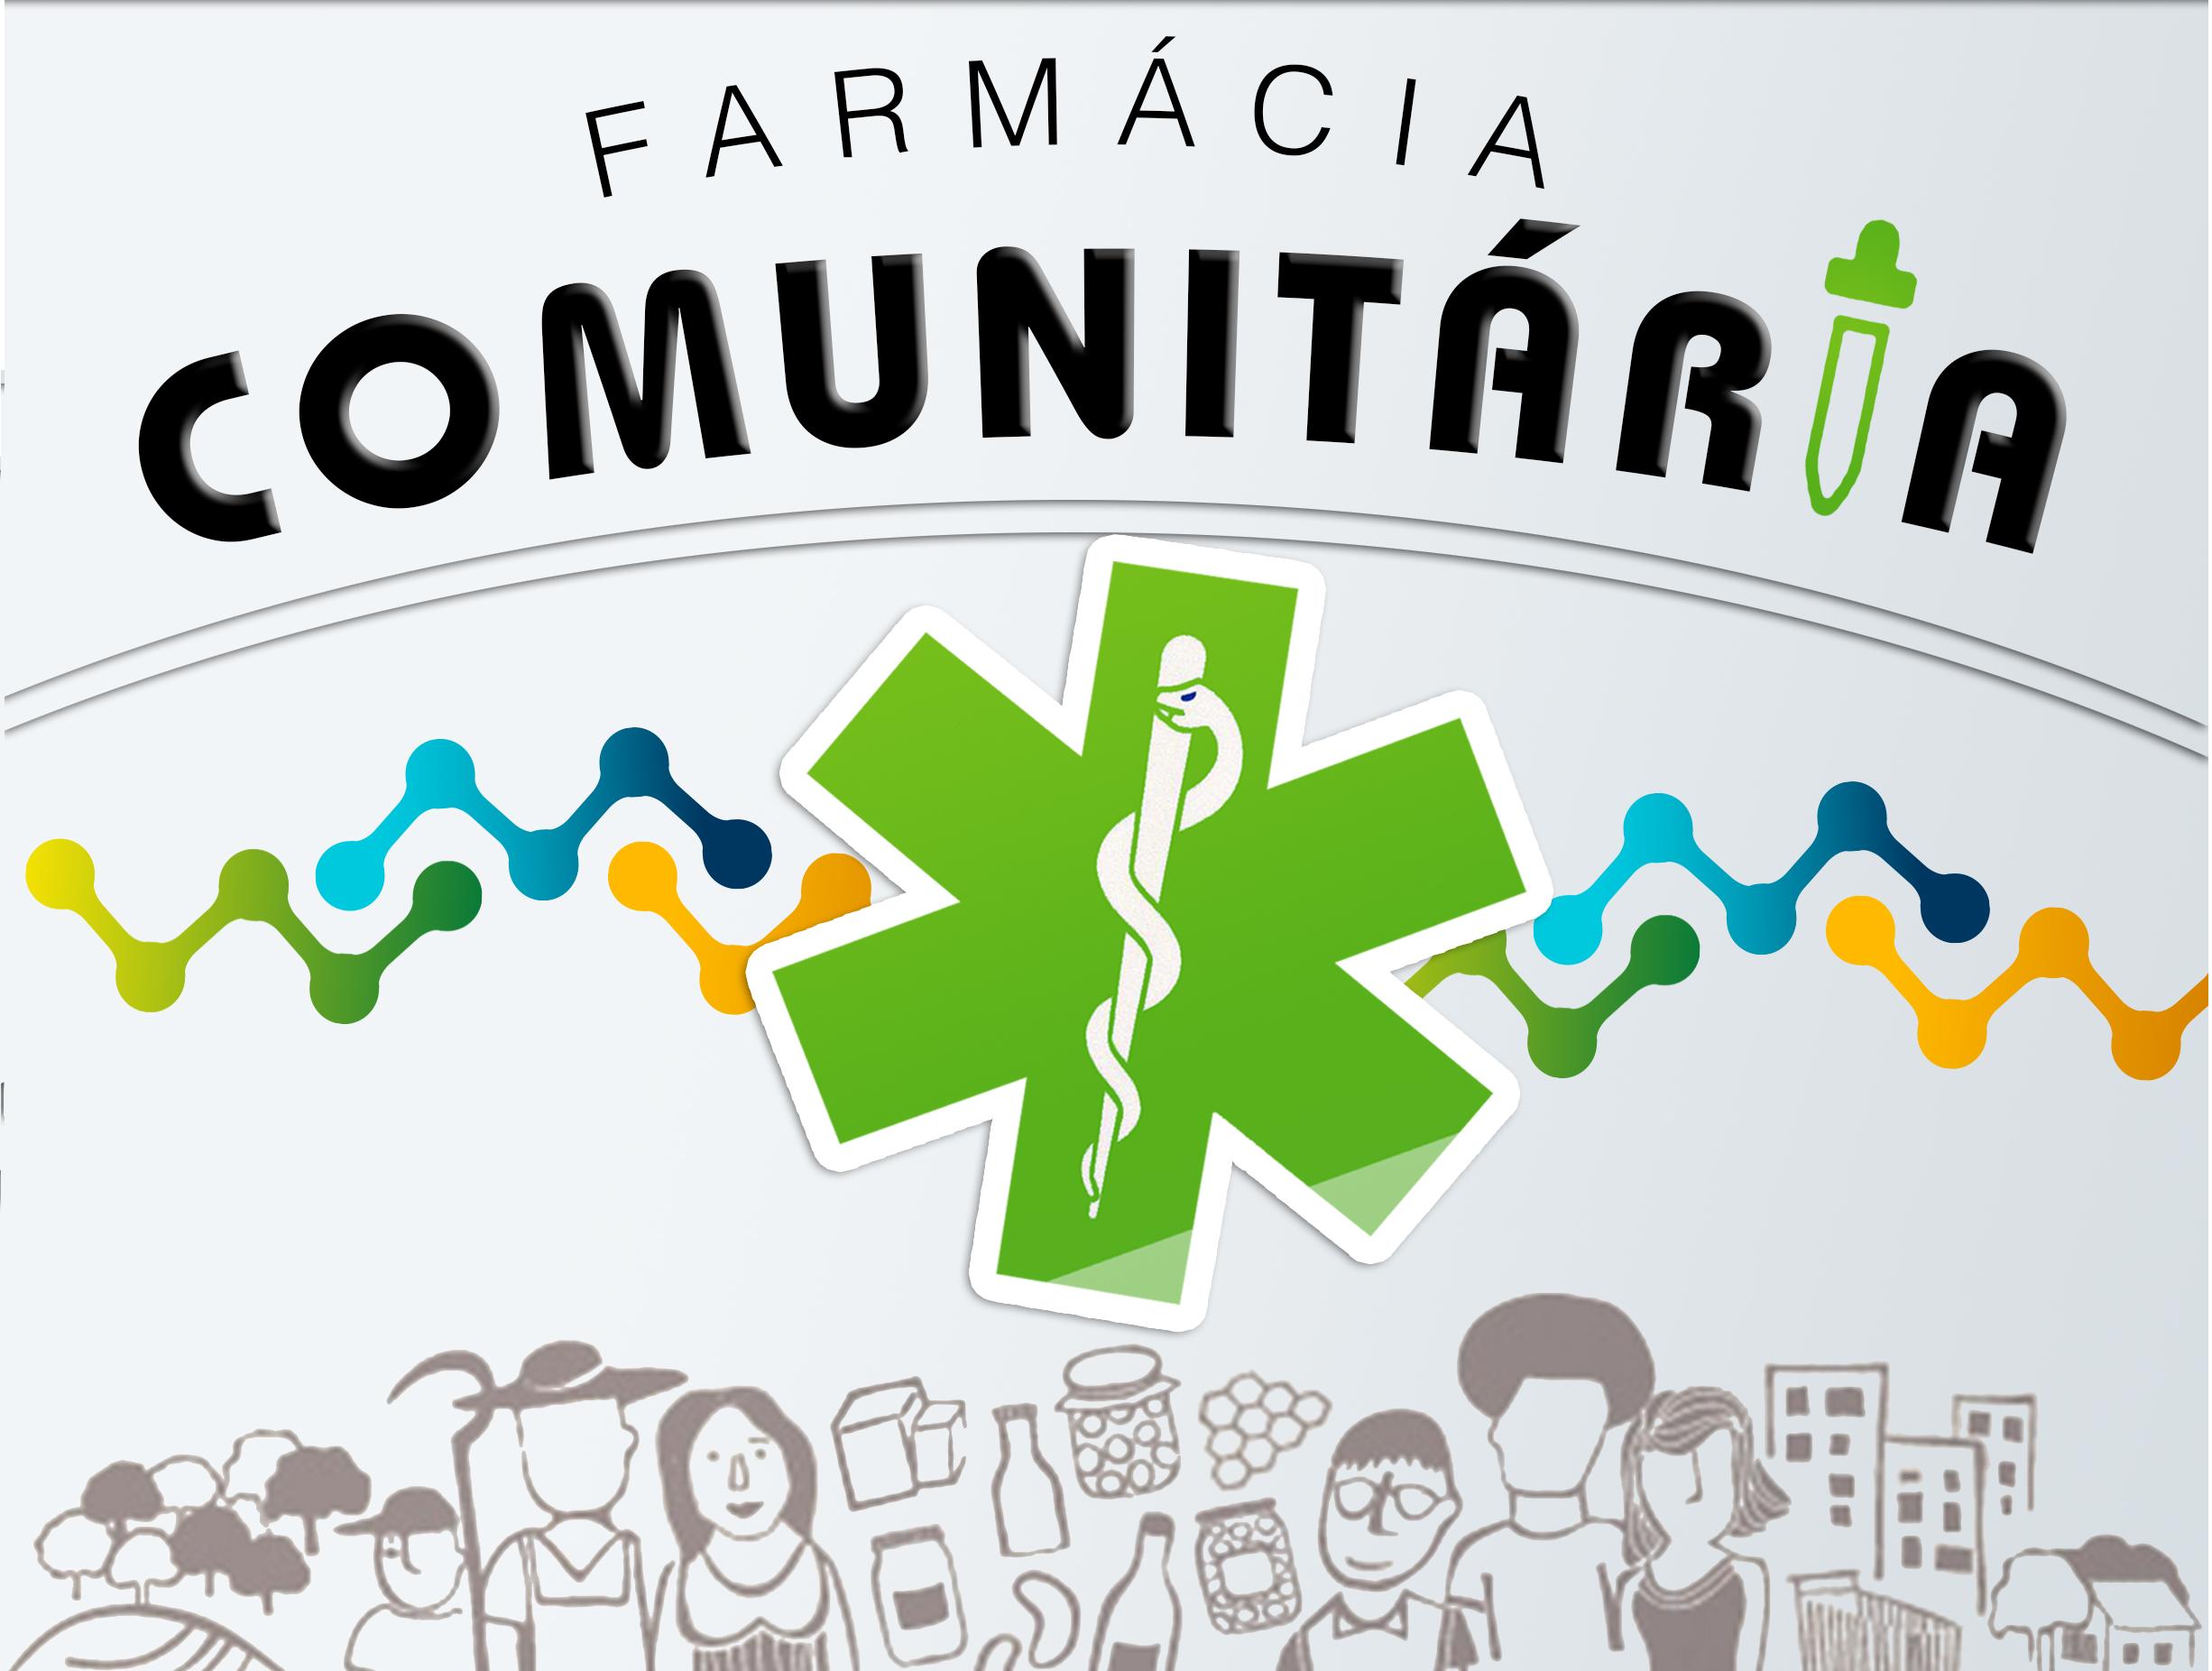 Farmácia comunitária